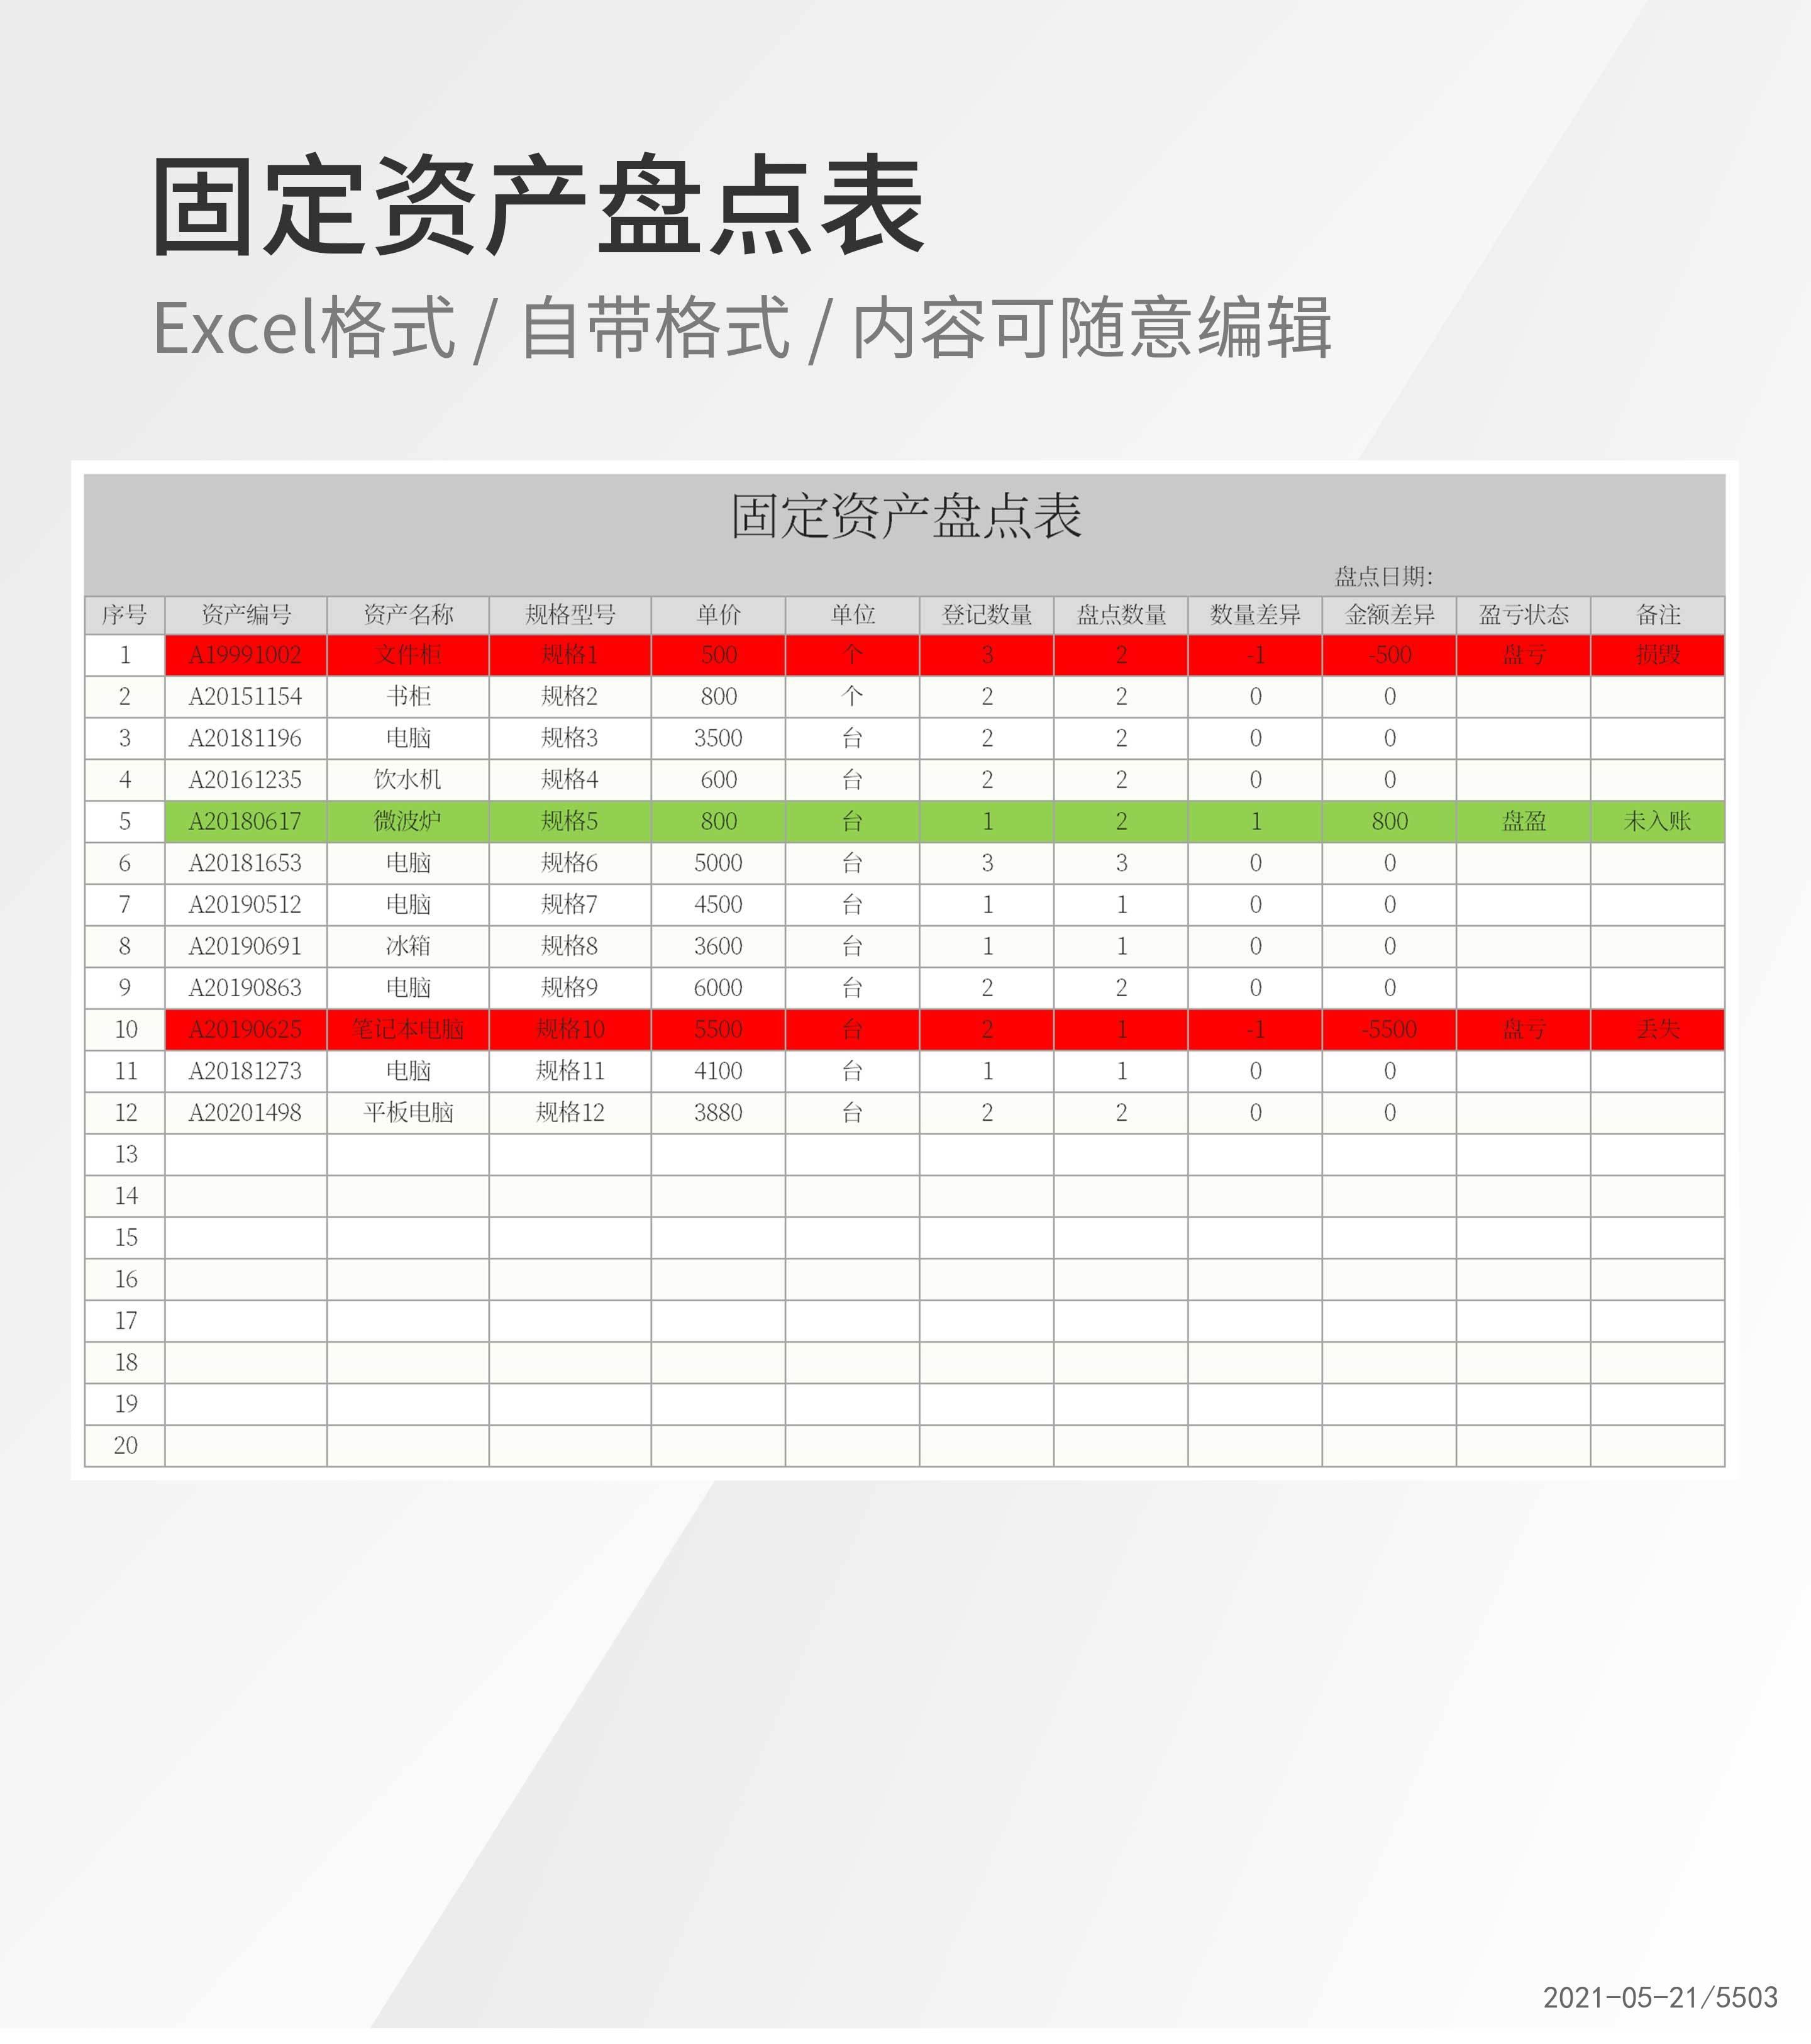 公司固定办公资产盘点登记表Excel模板